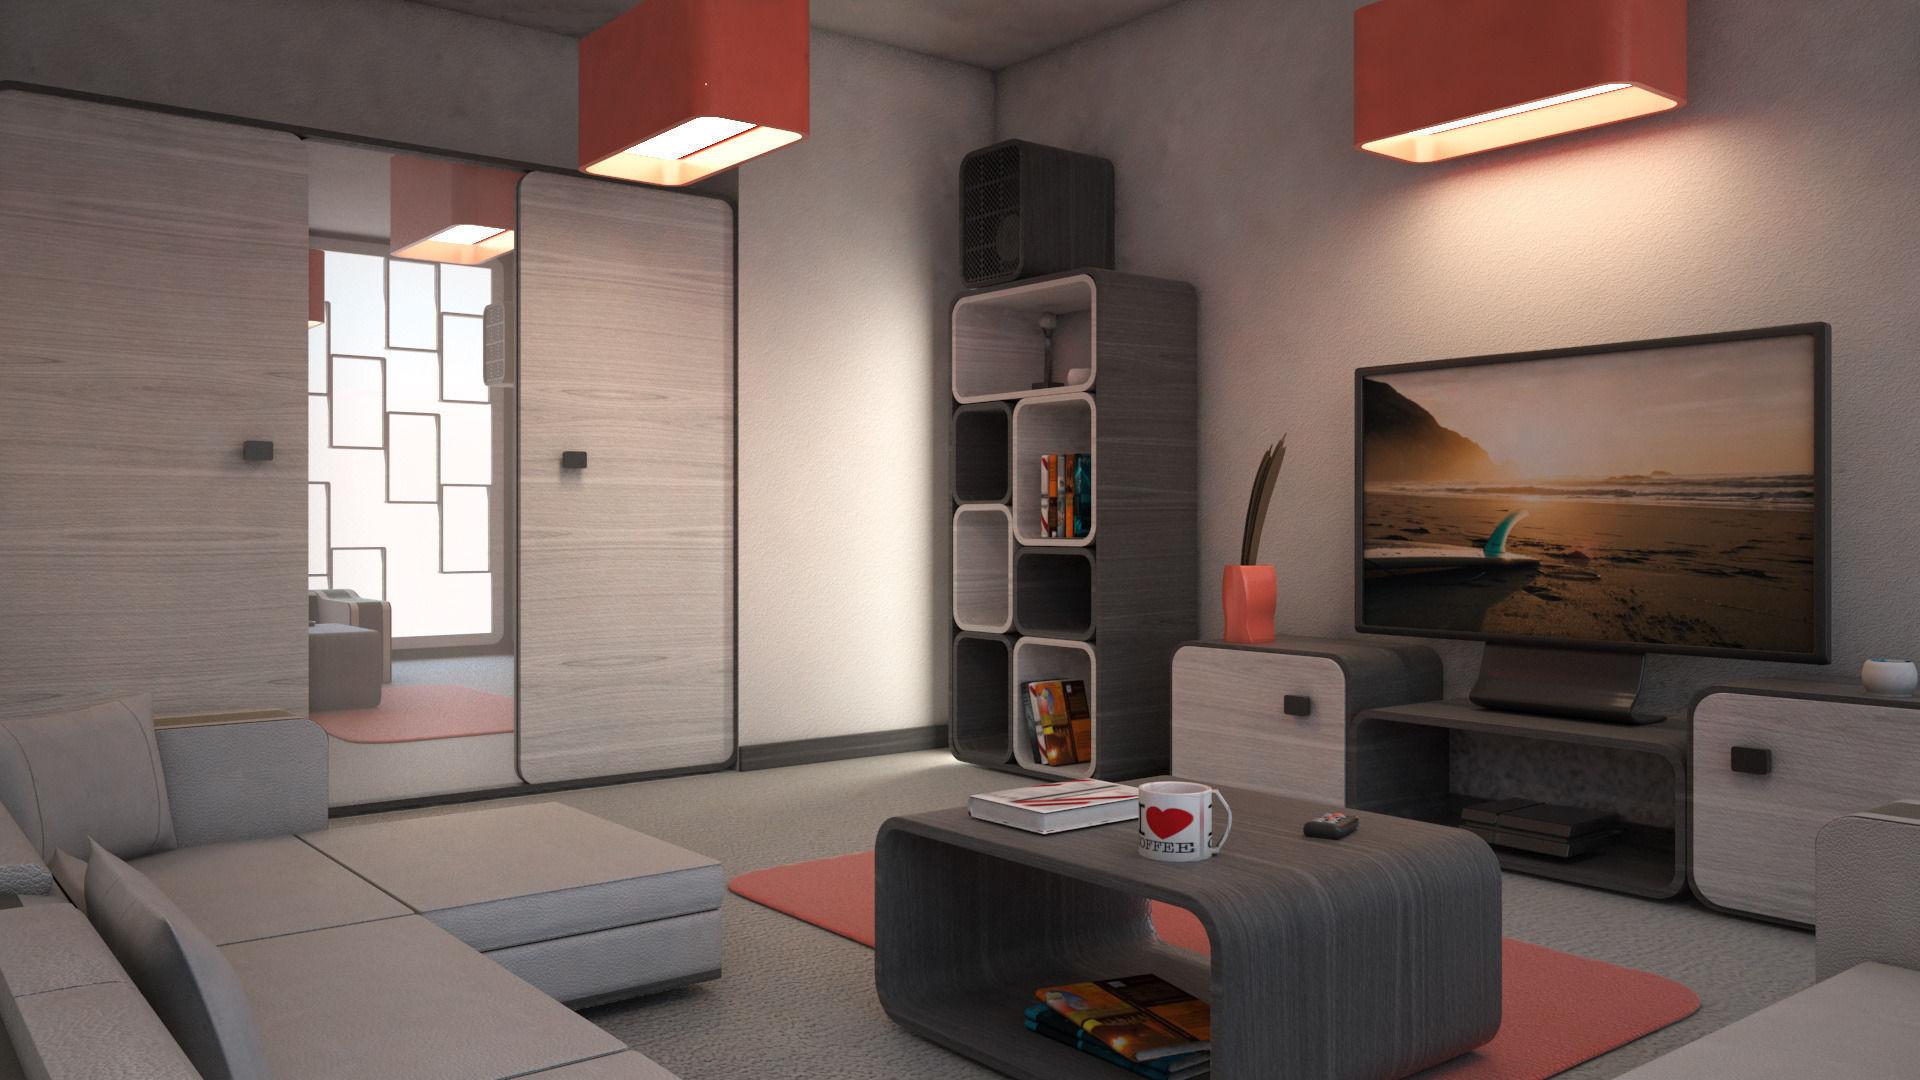 Mr living room 03 3d model max obj 3ds for Living room 3d model